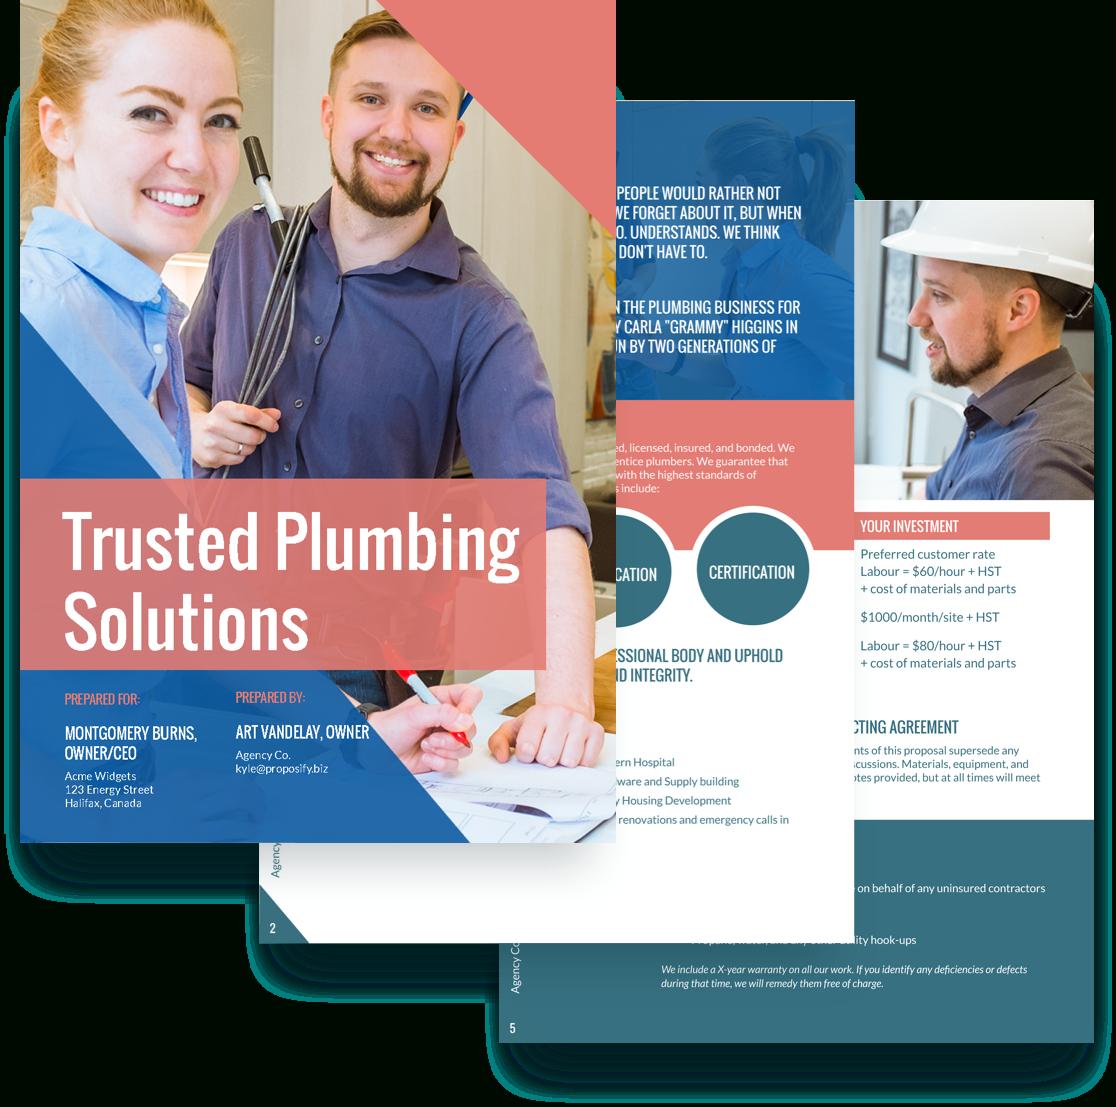 Plumbing Proposal Template  Free Sample  Proposify For Plumbing Proposal Template